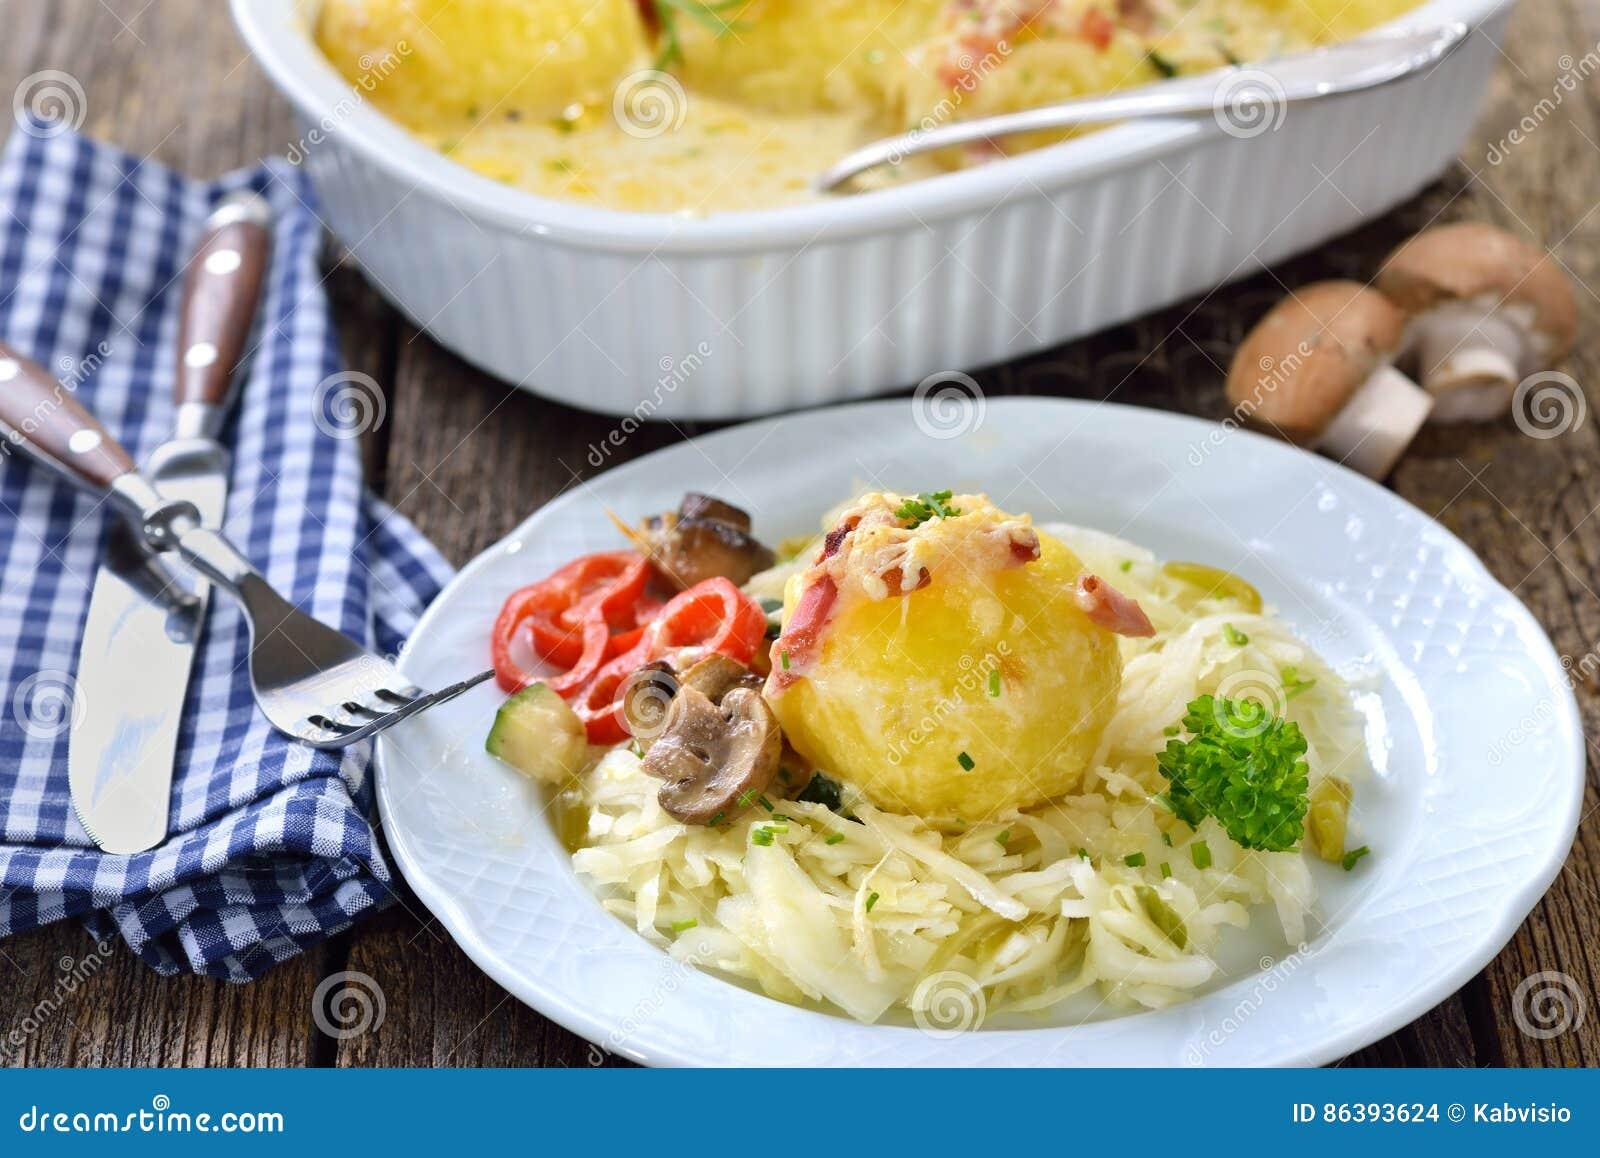 Potato dumpling gratin